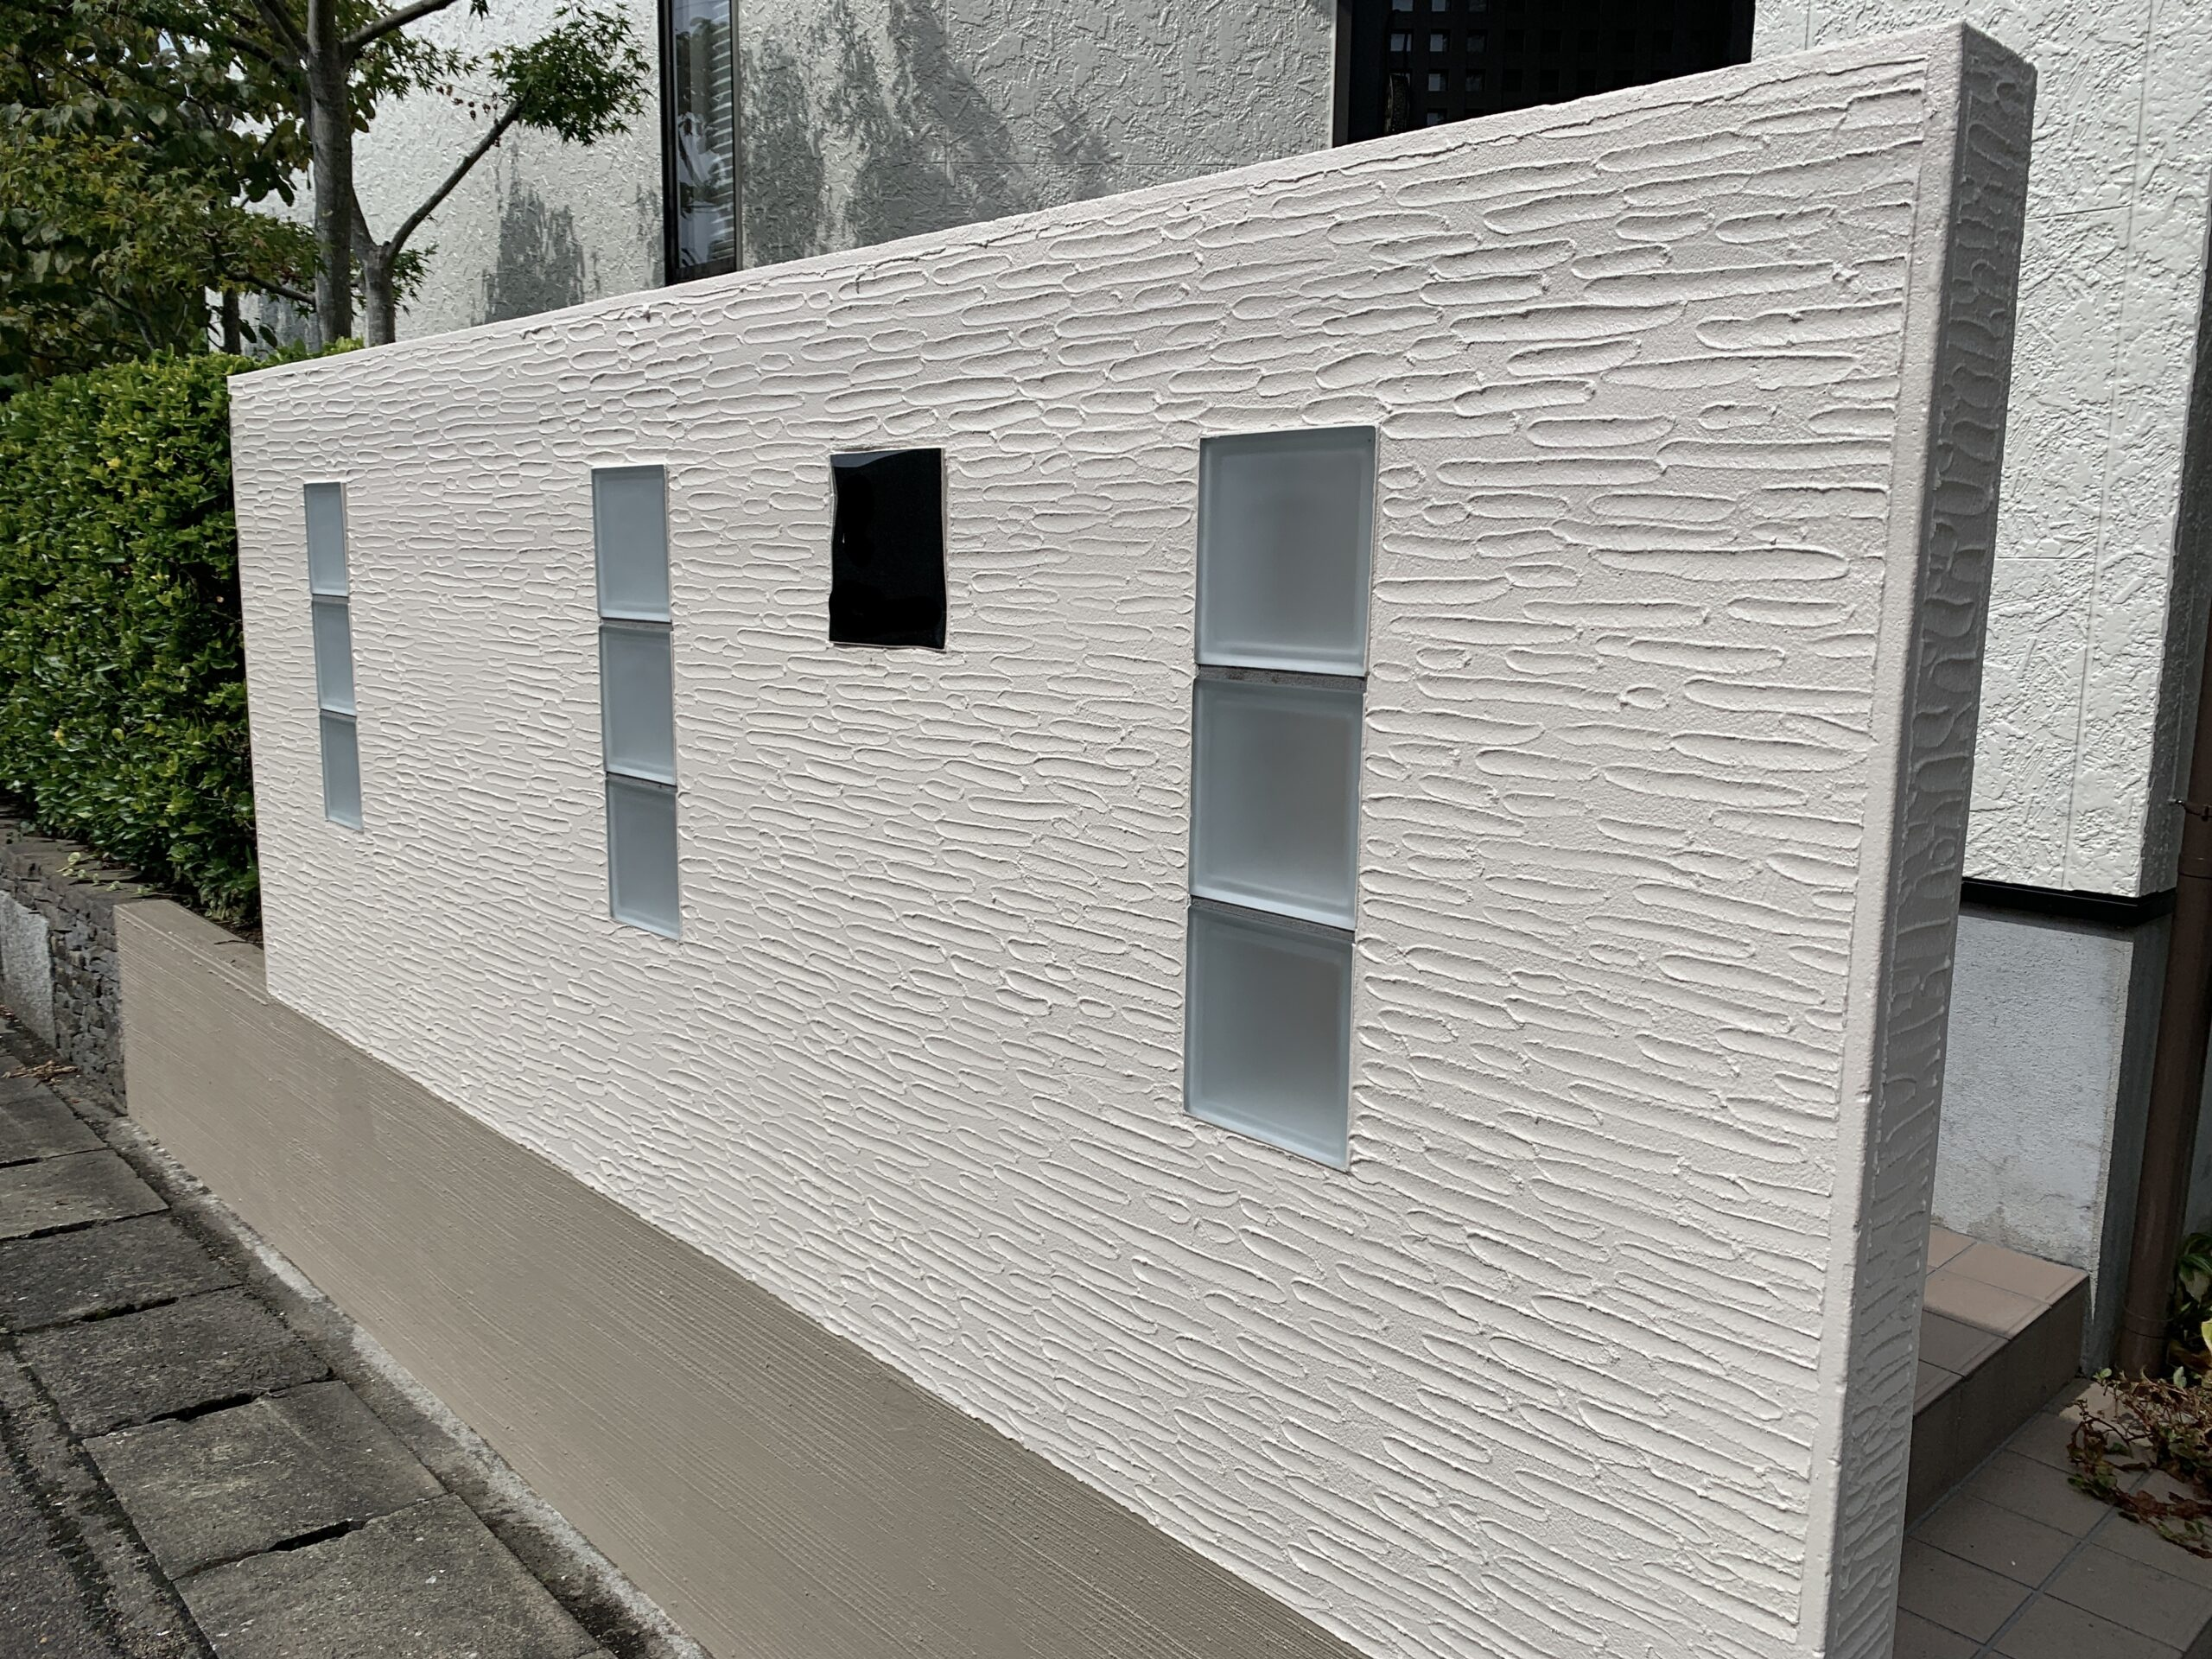 佐賀市 塗るばい サニー建設商事 サニケン さにけん